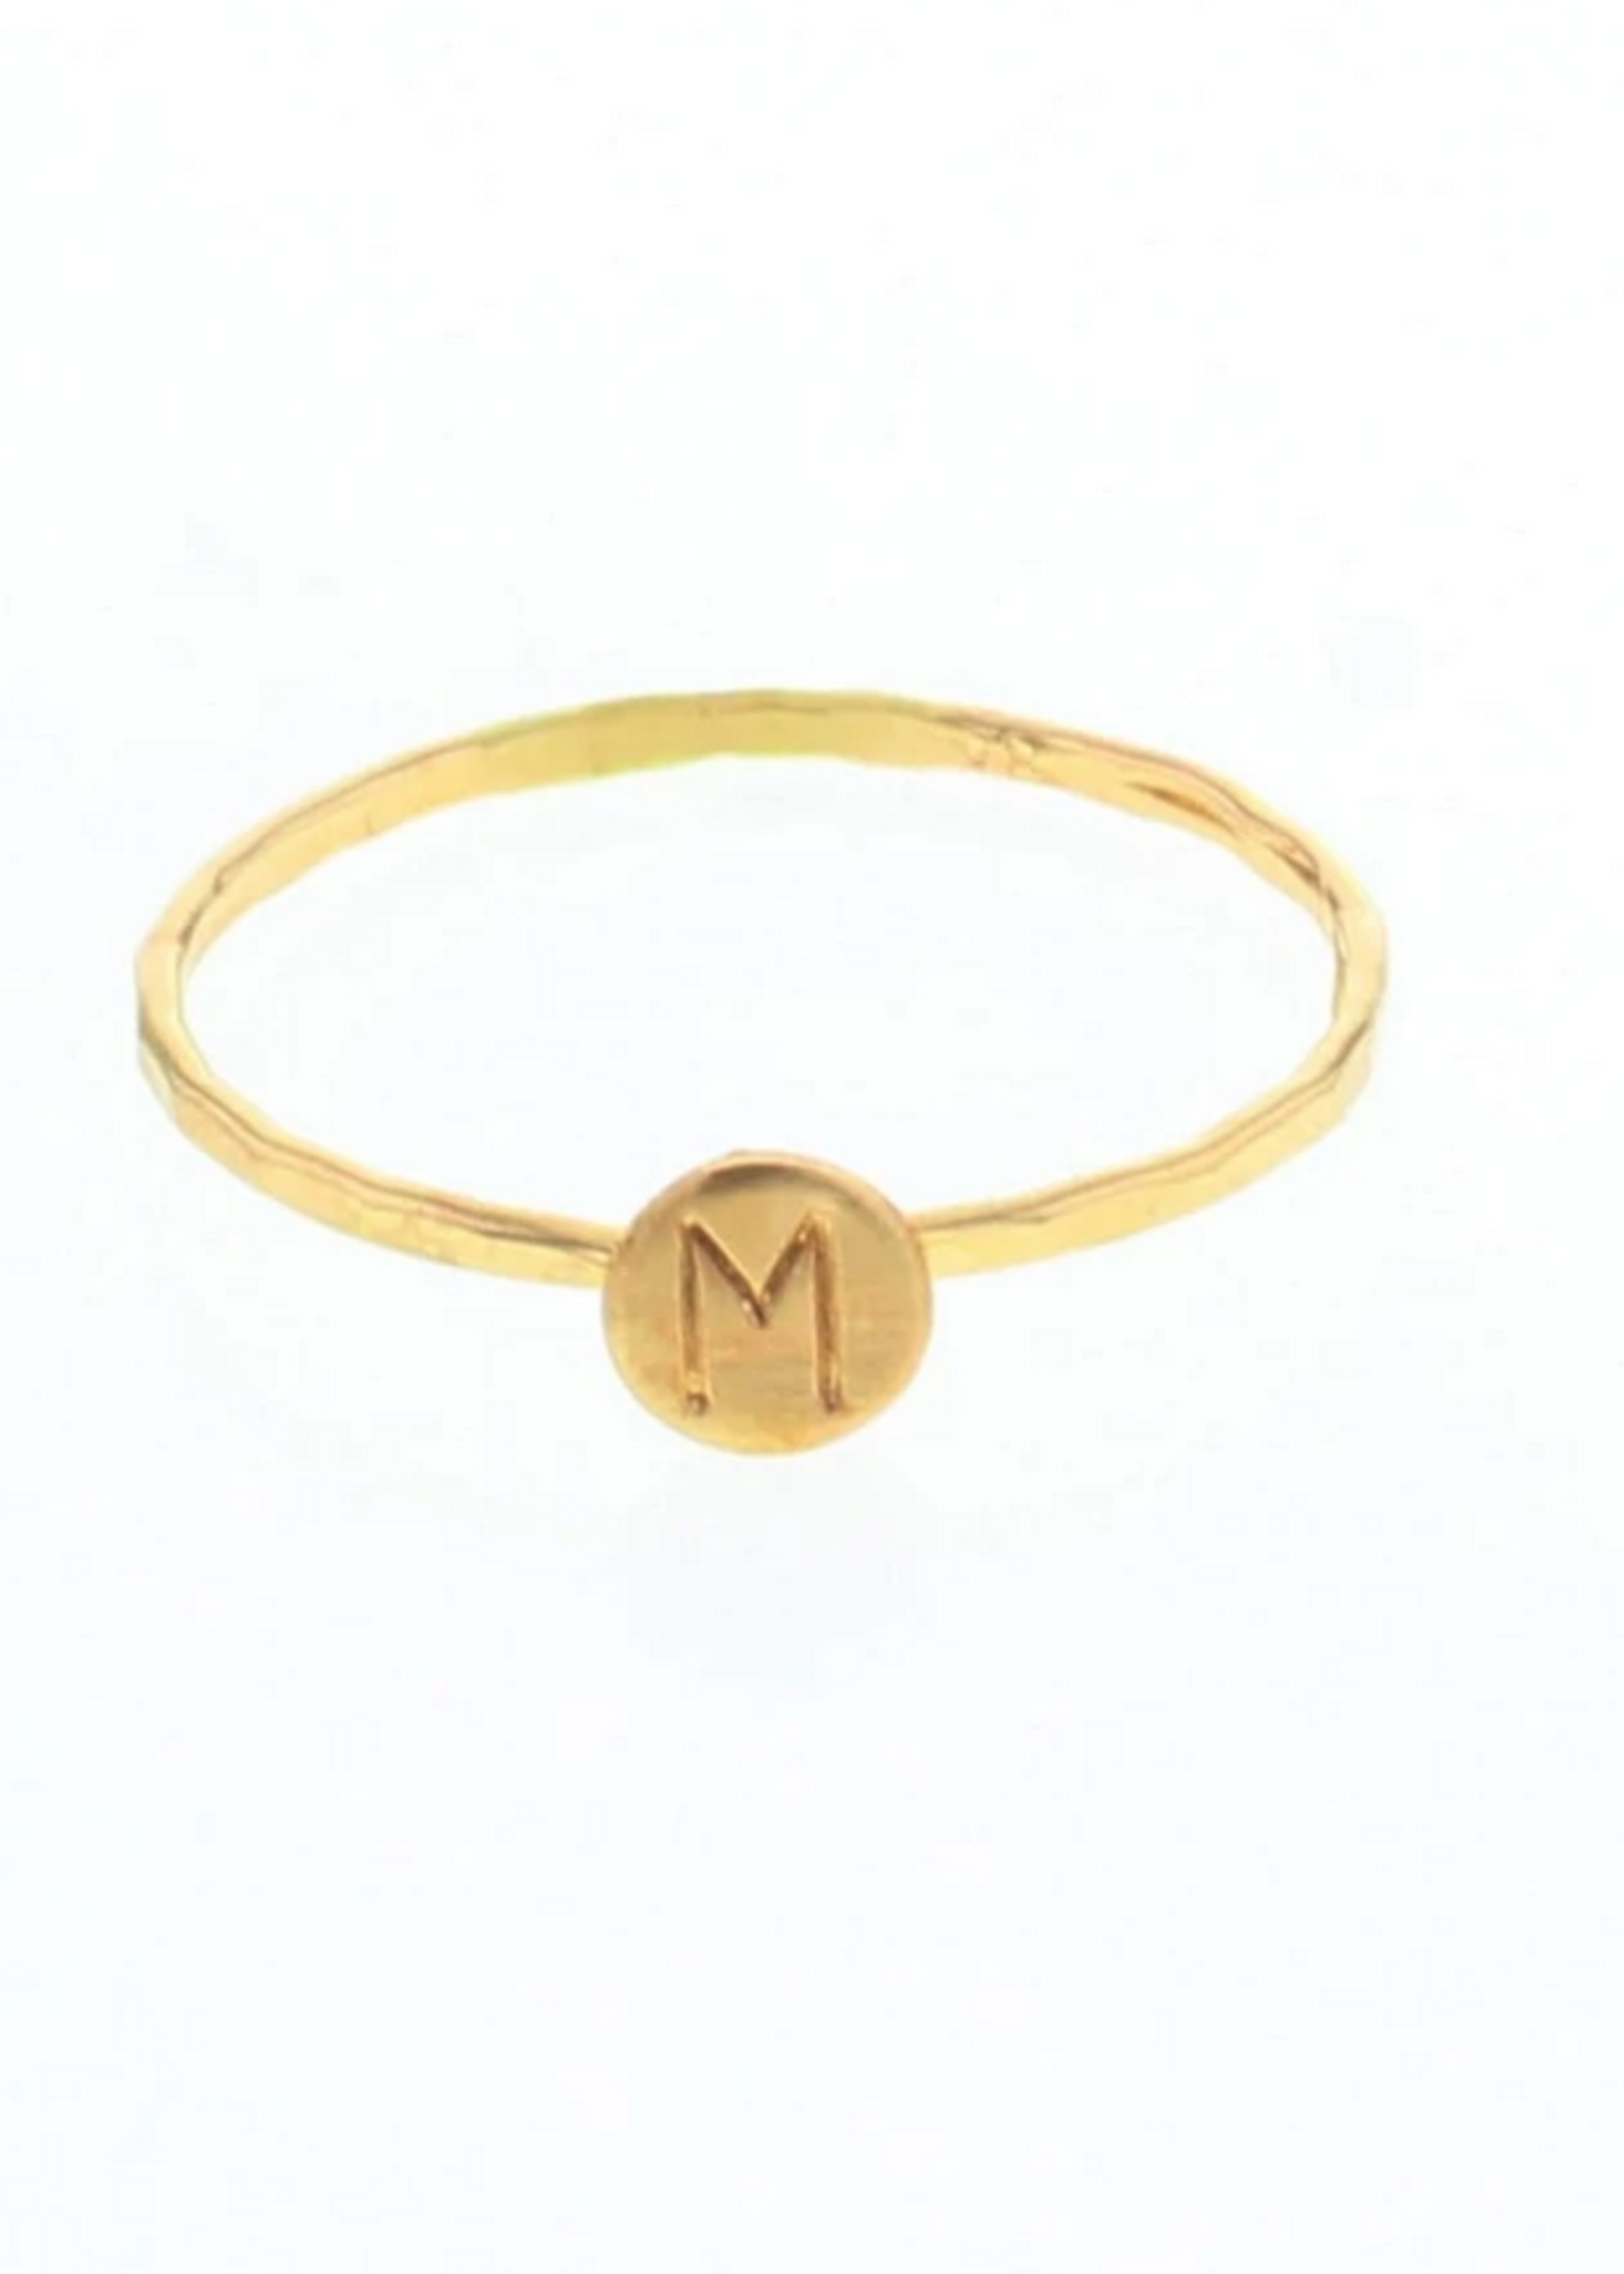 lotus jewelry studio lotus letter stacking ring